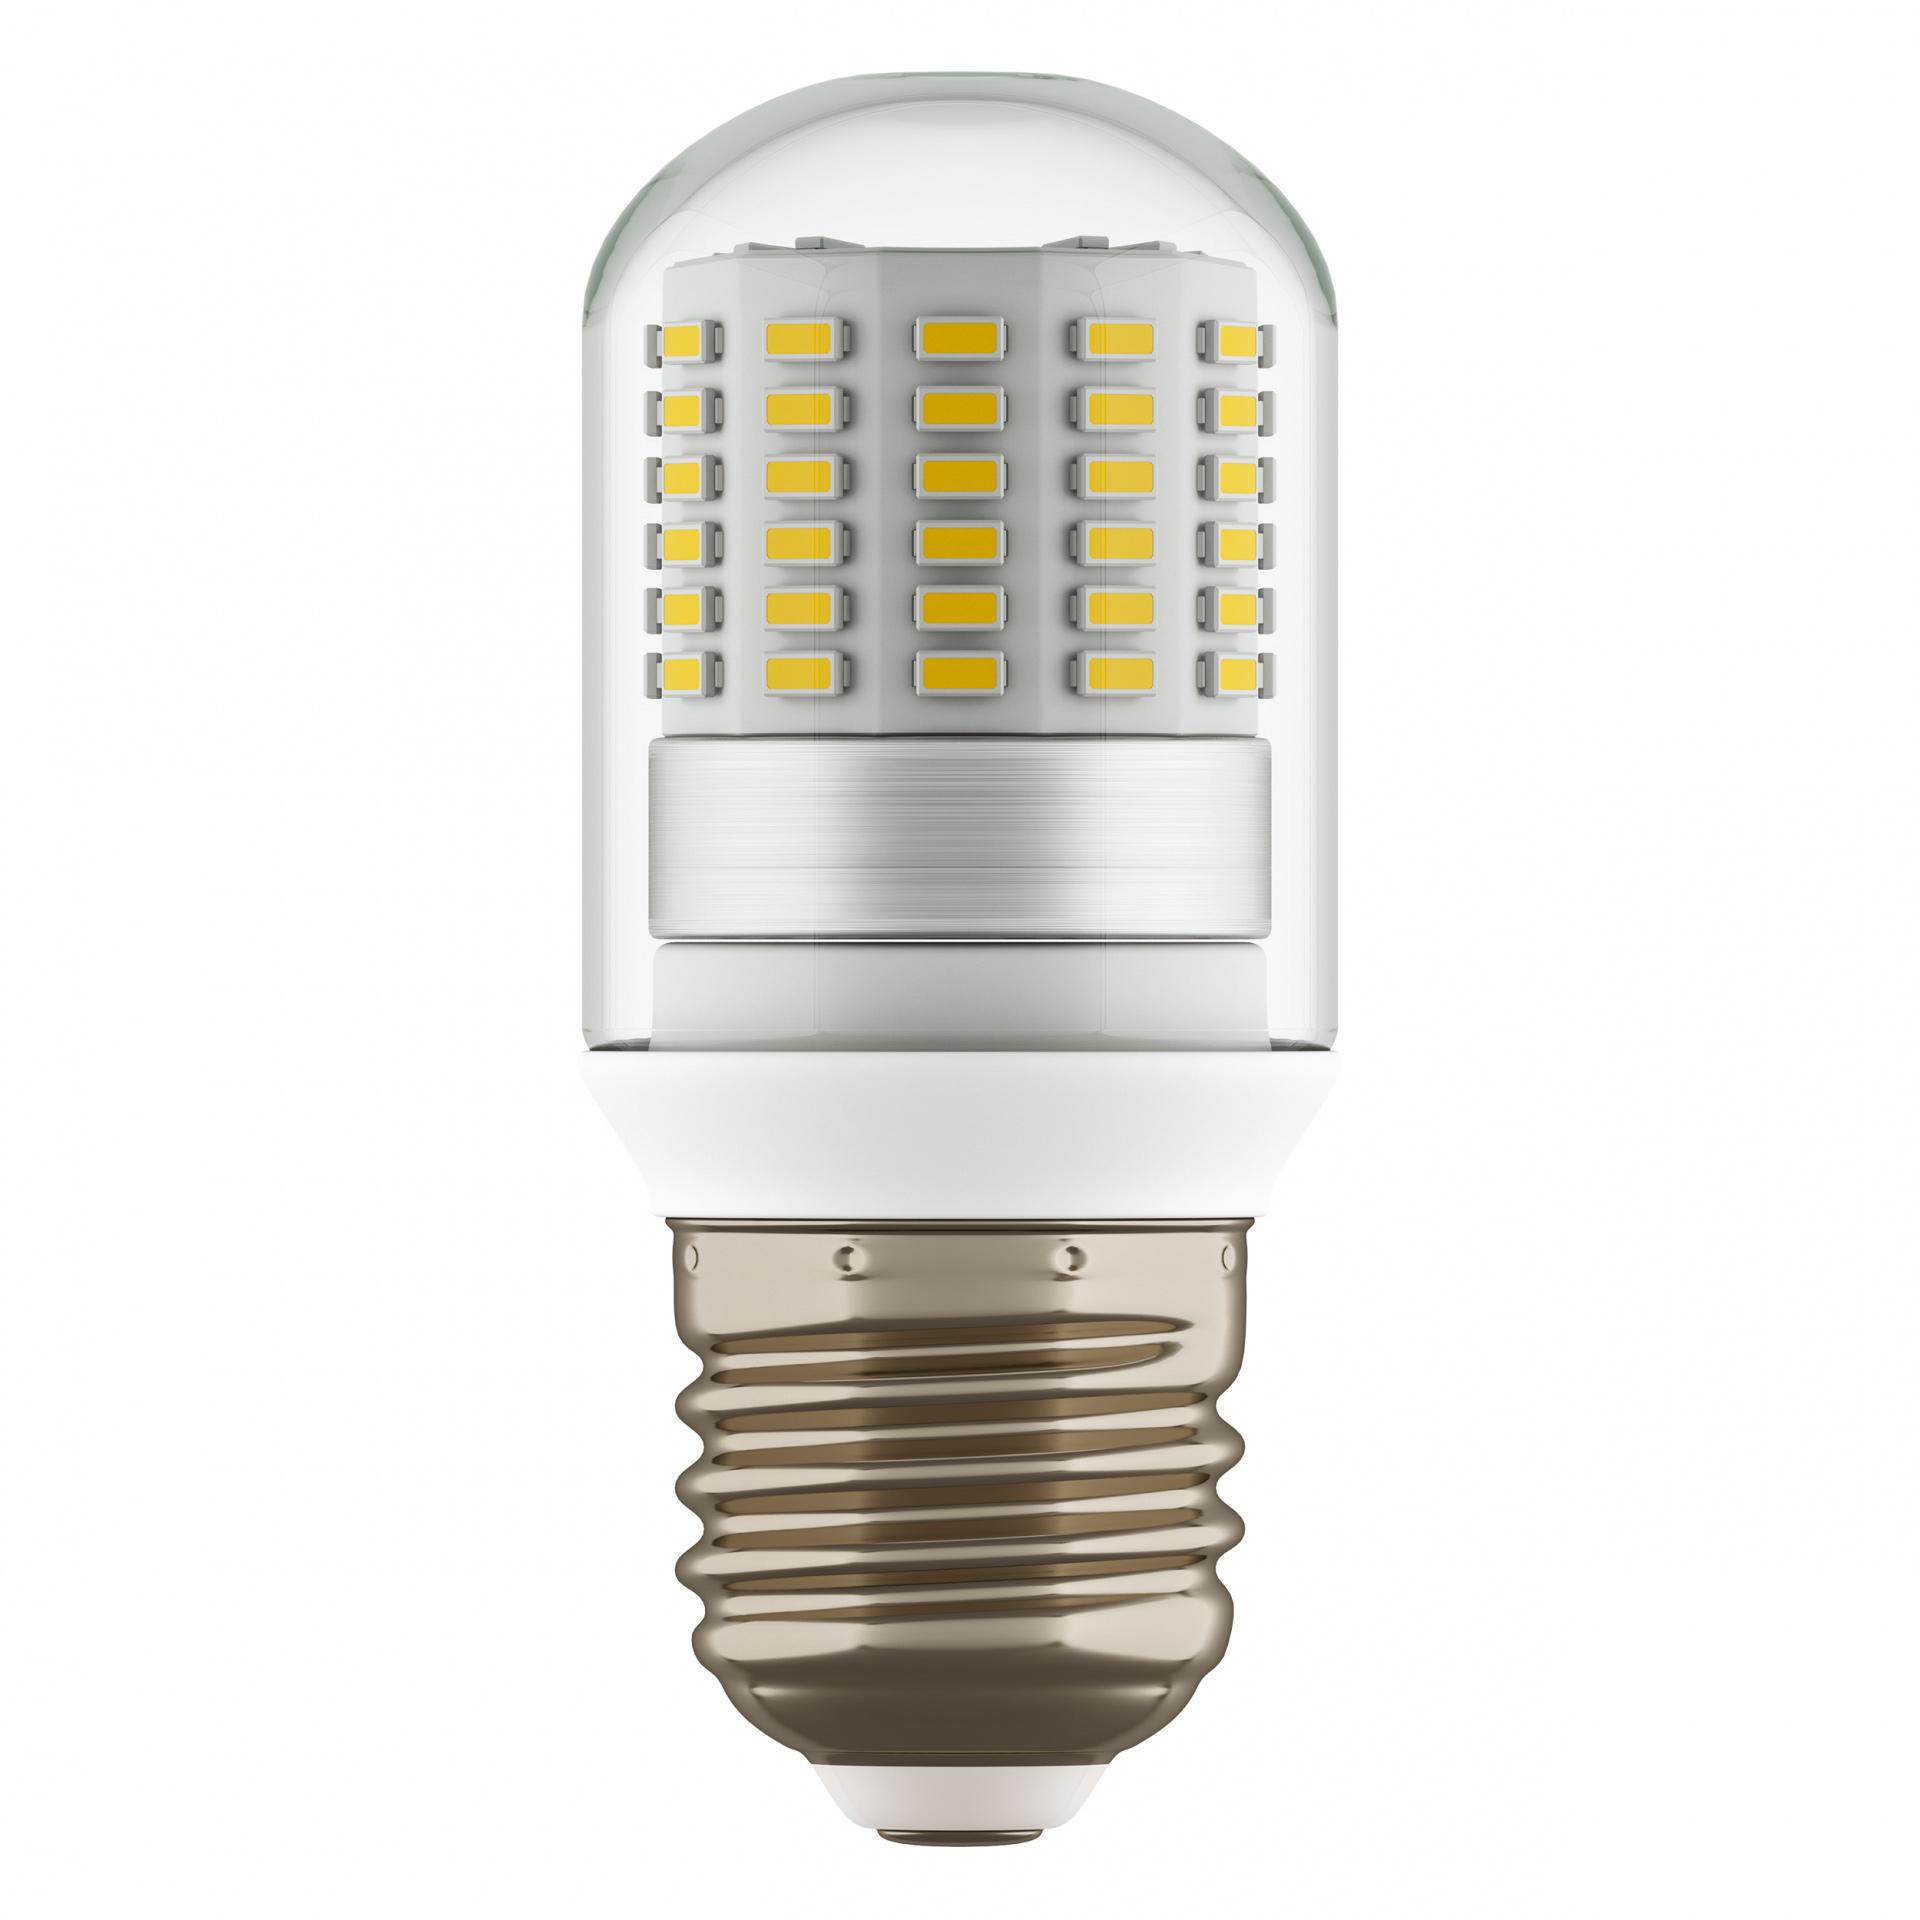 Лампа LED 220V T35 E27 9W=90W 850LM 360G CL 4000K 20000H Lightstar 930904, купить в СПб, Москве, с доставкой, Санкт-Петербург, интернет-магазин люстр и светильников Starlight, фото в жизни